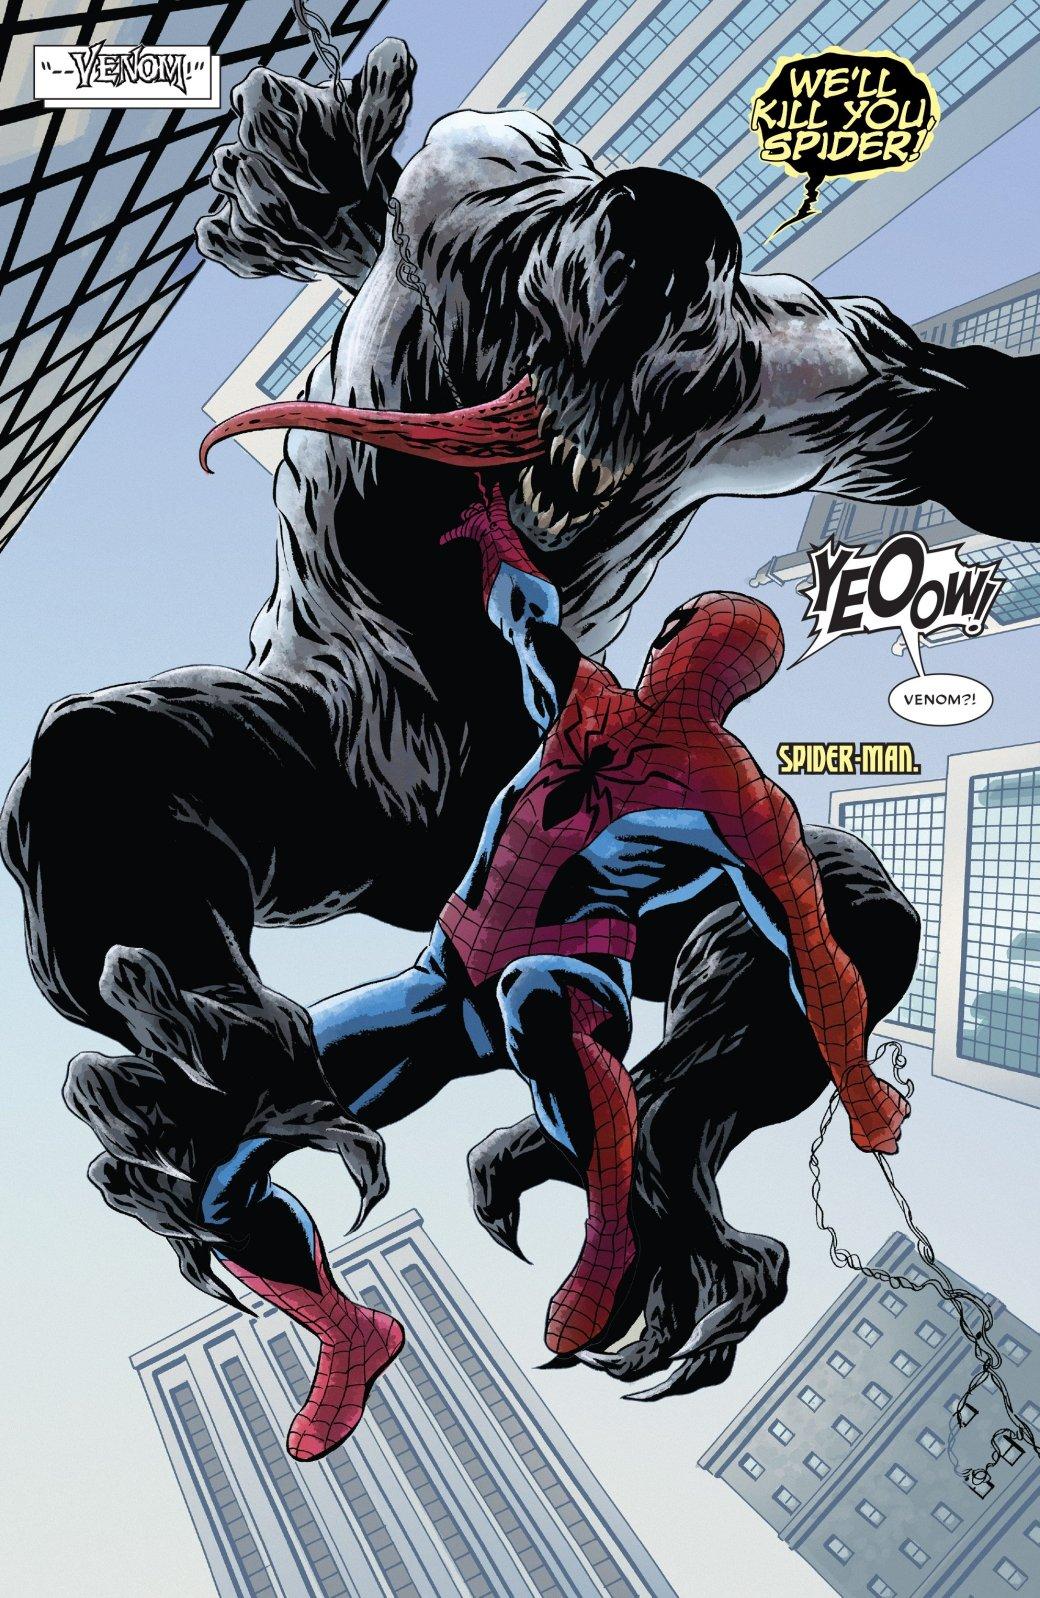 Дэдпул снова примерил Венома, наэтот раз, чтобы убить Человека-паука